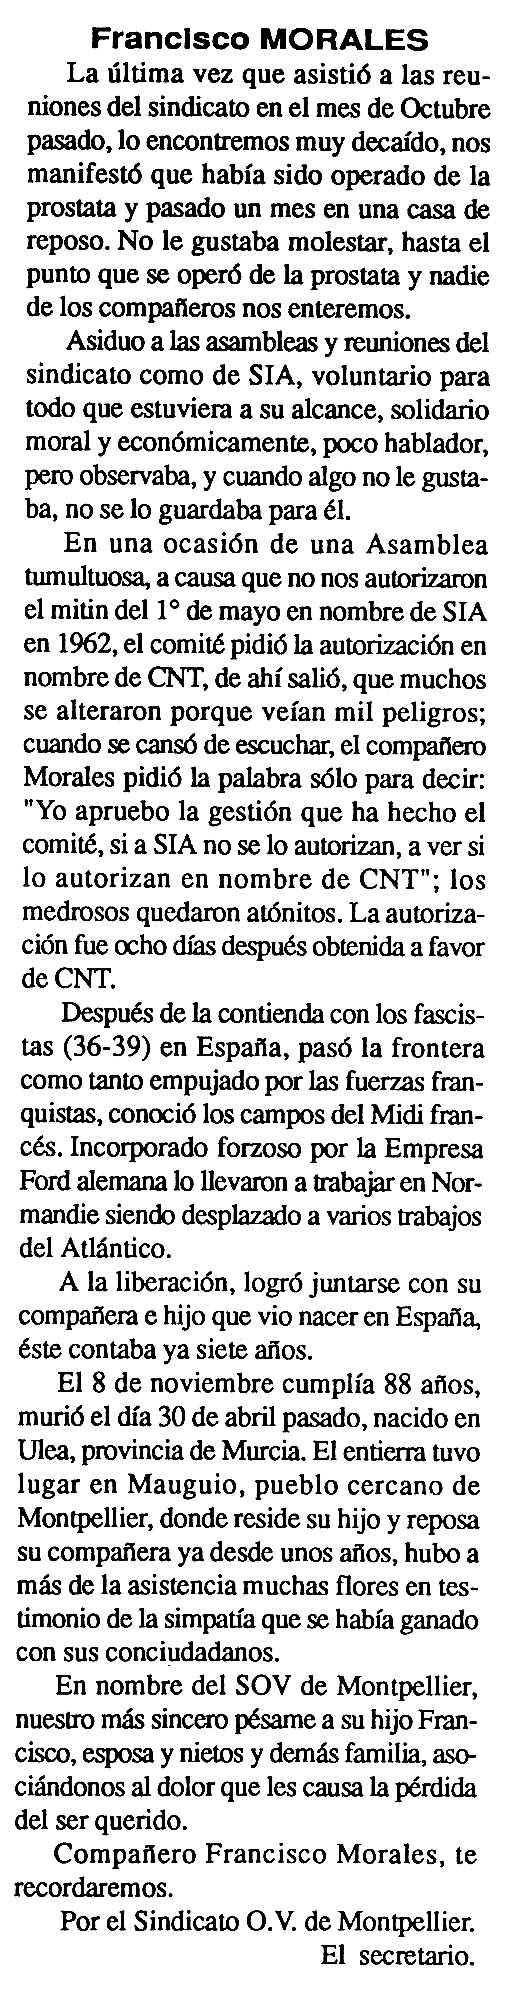 """Necrològica de Francisco Morales apareguda en el periòdic tolosà """"Cenit"""" del 28 de maig de 1991"""